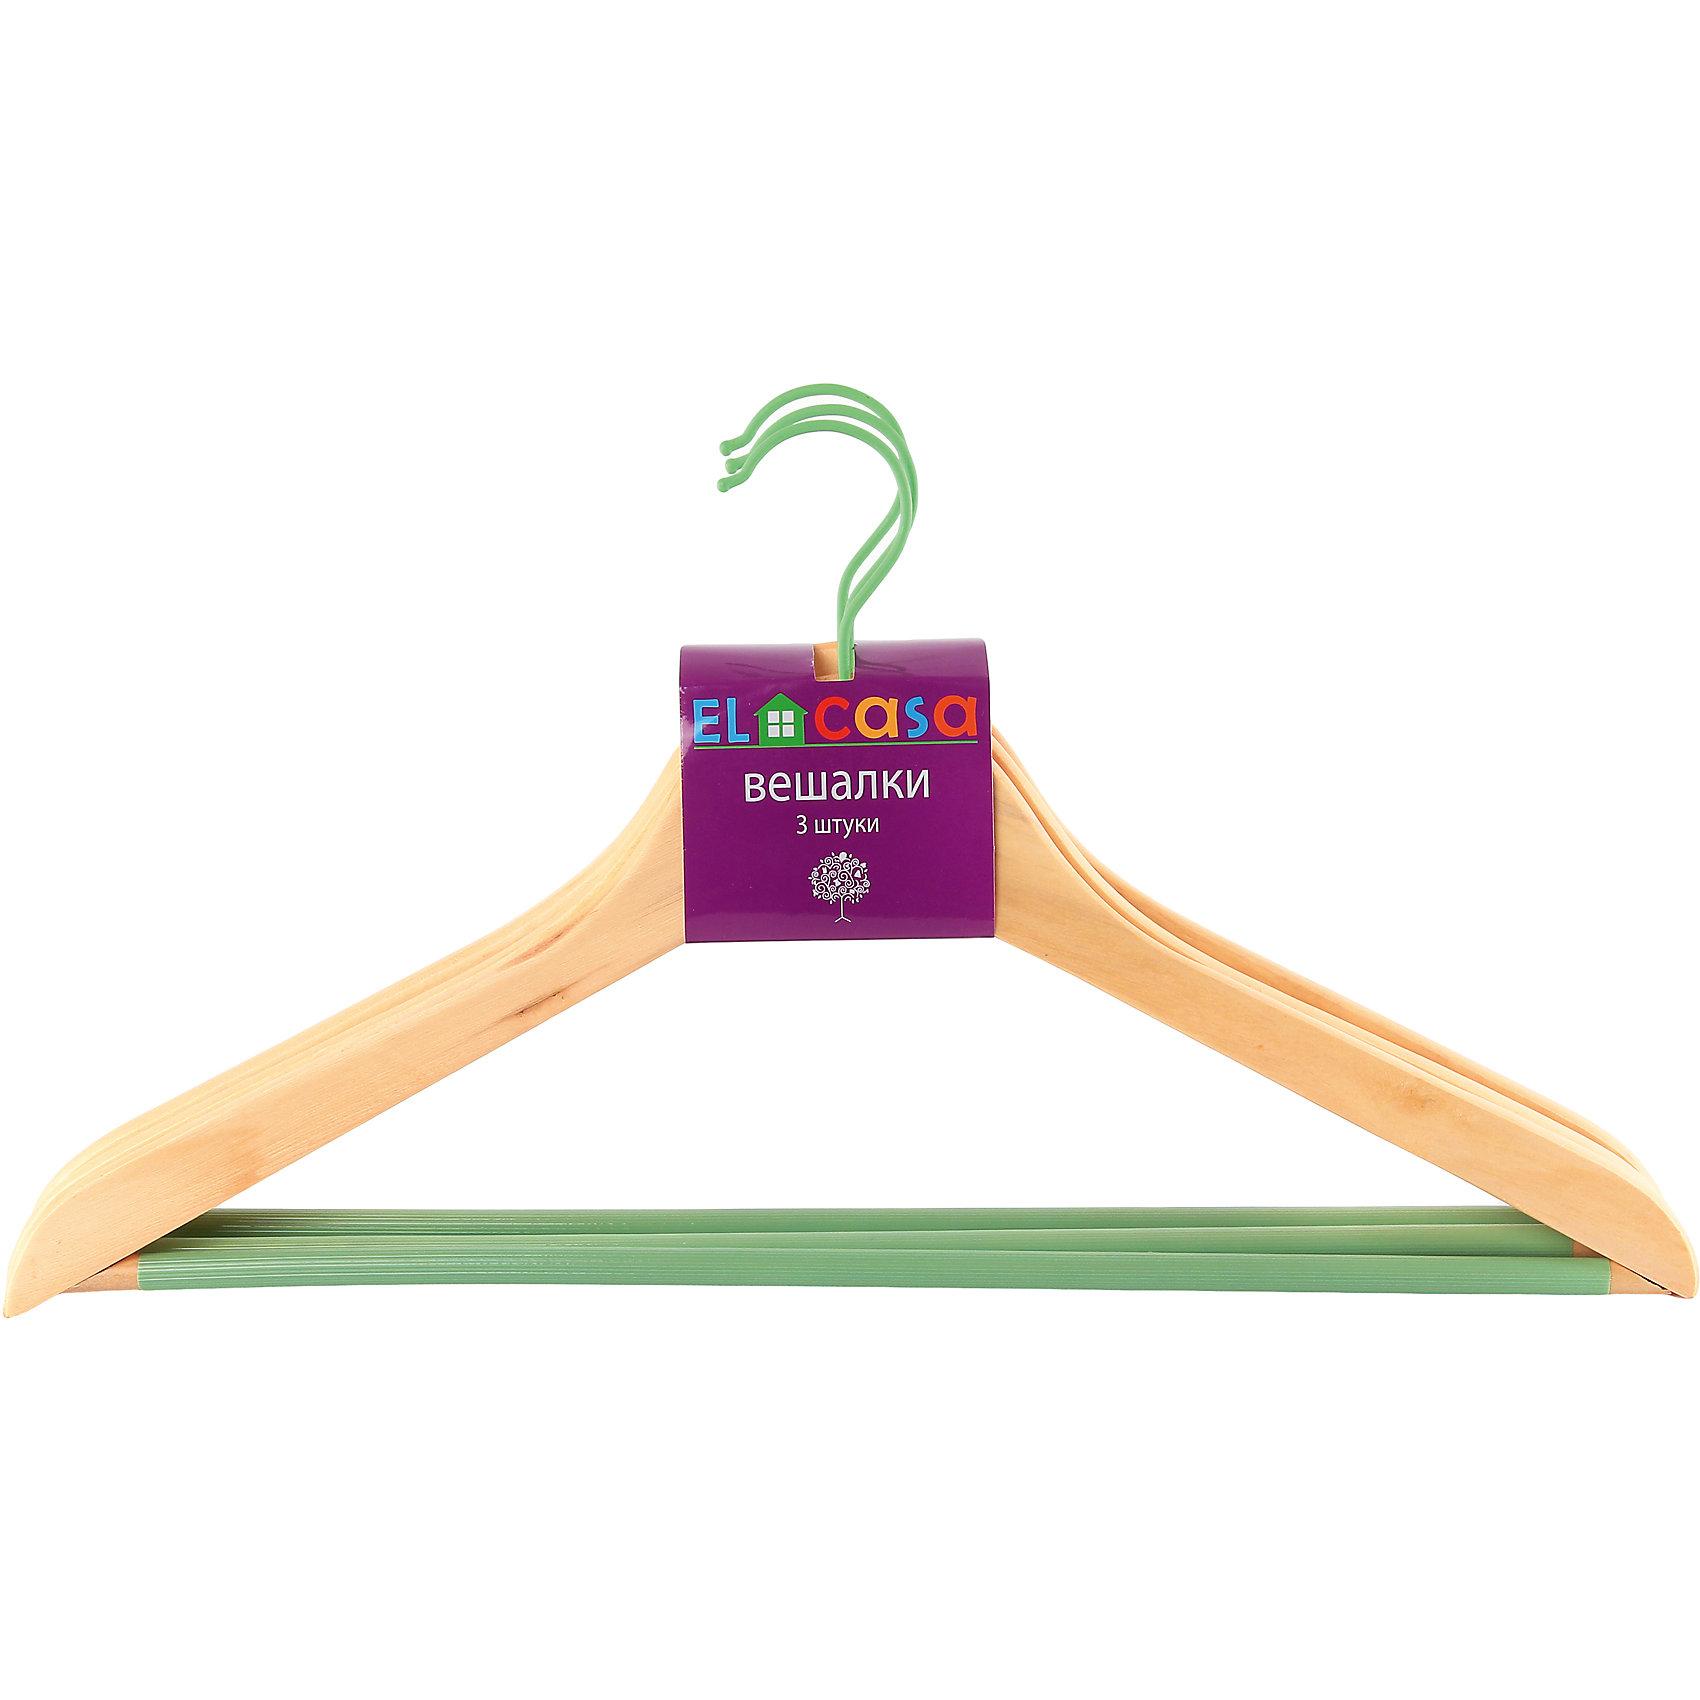 Вешалки 3 шт. 44,5*1,2*23 см. Дуб, зеленый, EL CasaПредметы интерьера<br>Набор из трех  вешалок из прочной натуральной древесины  снескользящей накладкой на перекладине, которая предотвращает соскальзывание одежды. Выдерживает нагрузку до 7 кг.<br><br>Ширина мм: 445<br>Глубина мм: 35<br>Высота мм: 230<br>Вес г: 400<br>Возраст от месяцев: 0<br>Возраст до месяцев: 1188<br>Пол: Унисекс<br>Возраст: Детский<br>SKU: 6668636